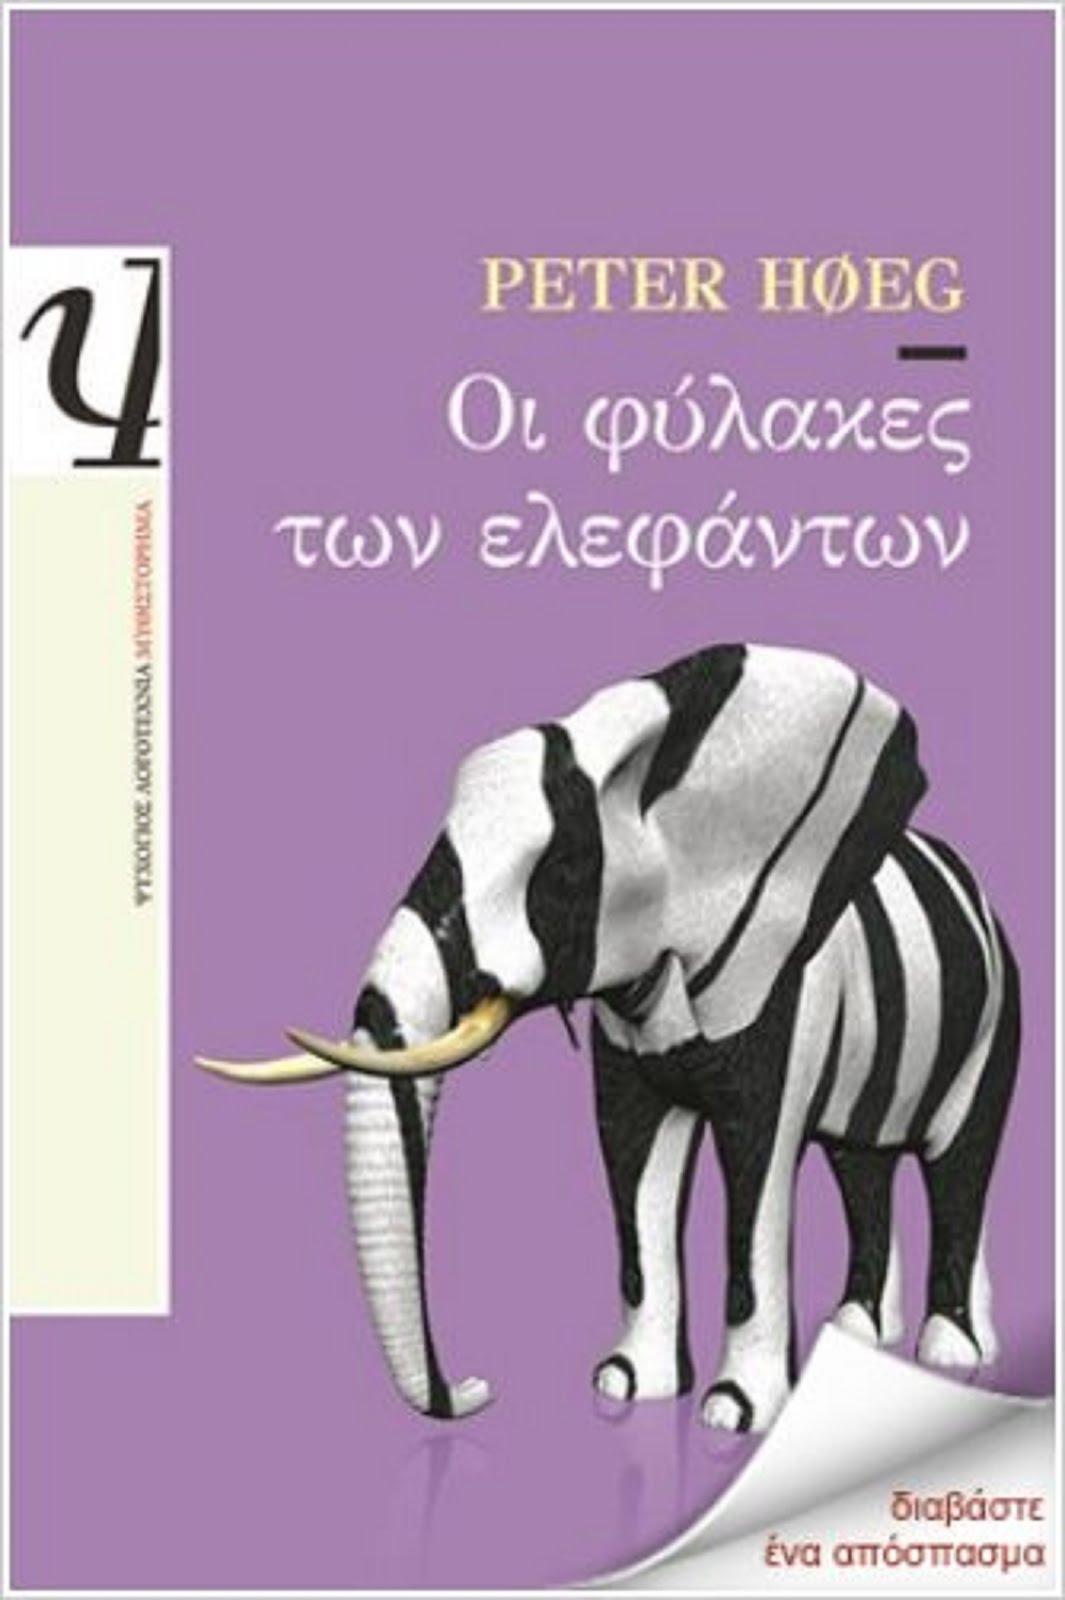 Αξιόλογα βιβλίο σε χαμηλή τιμή